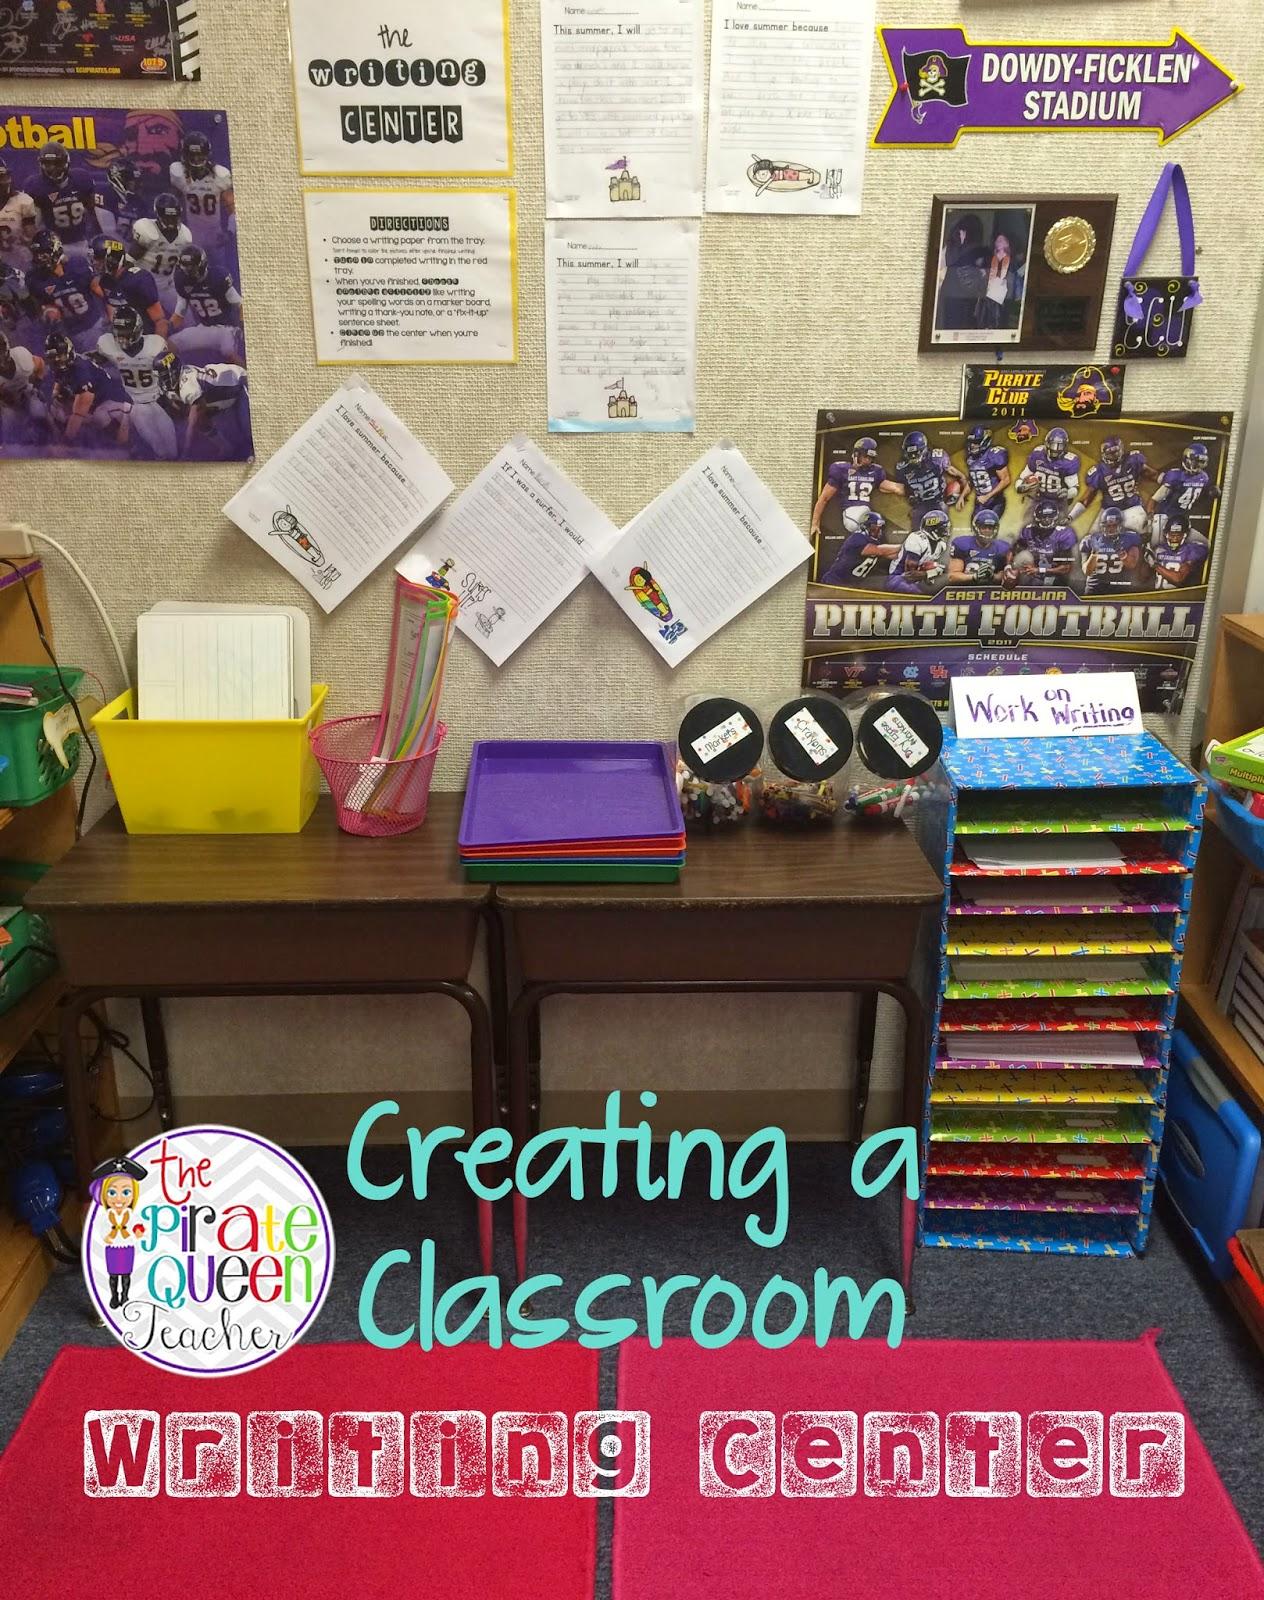 The Pirate Queen Teacher: A Classroom Writing Center